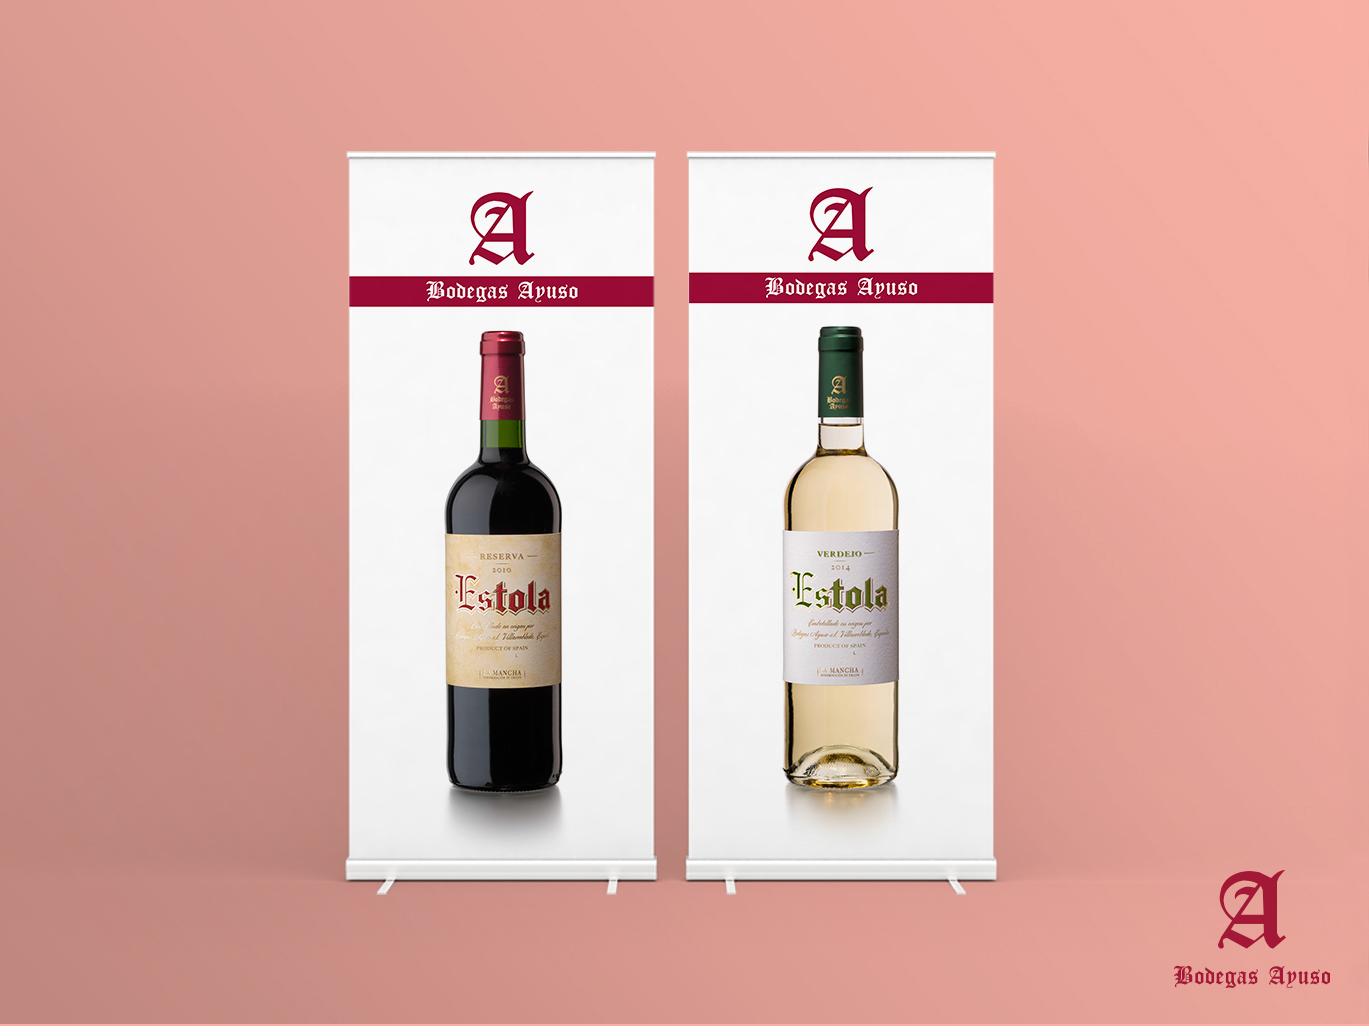 Diseño gráfico Albacete, diseño publicitario, diseño de rollup, impresión de rollup, Bodegas Ayuso